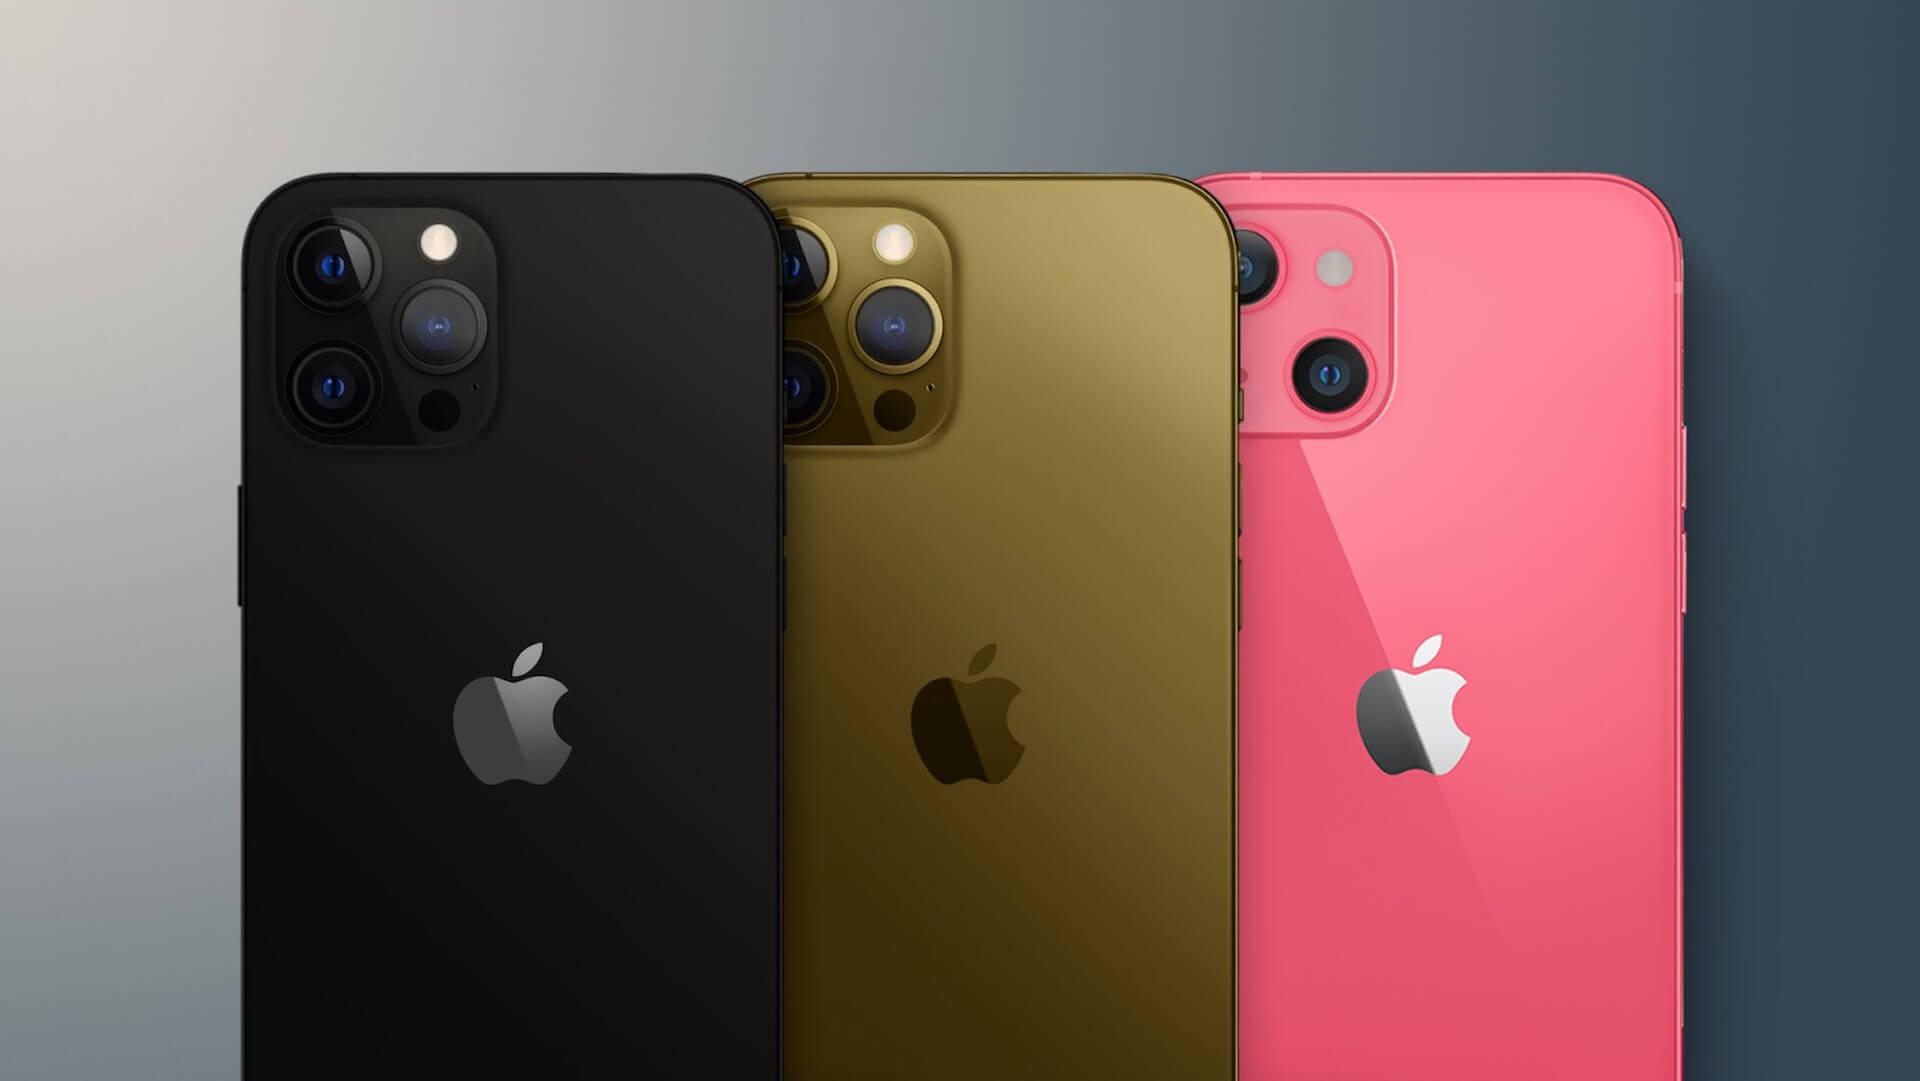 iPhone 13シリーズには新色ピンクが登場する?Proシリーズにはブラックとブロンズも追加か tech210910_iphone13_main